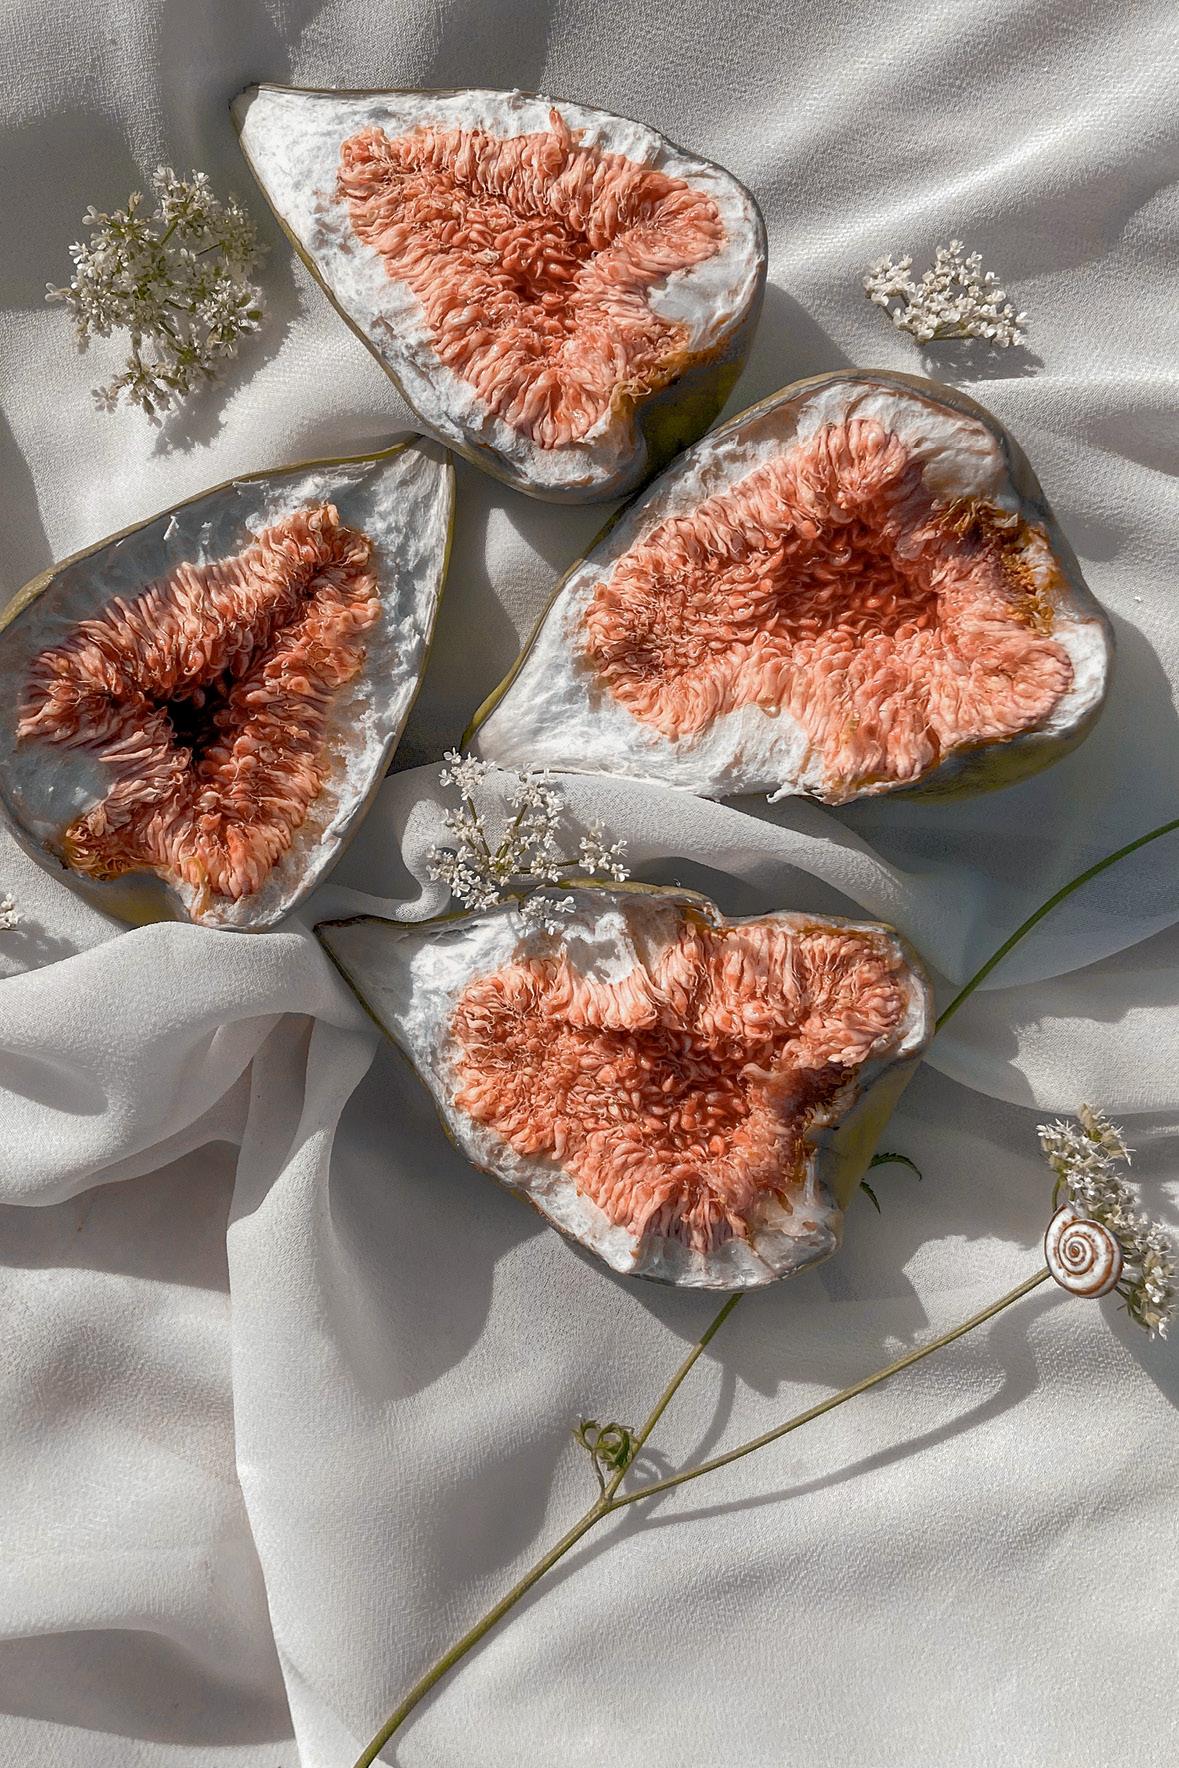 figos cortados ao meio sobre um tecido branco amassado e florzinhas